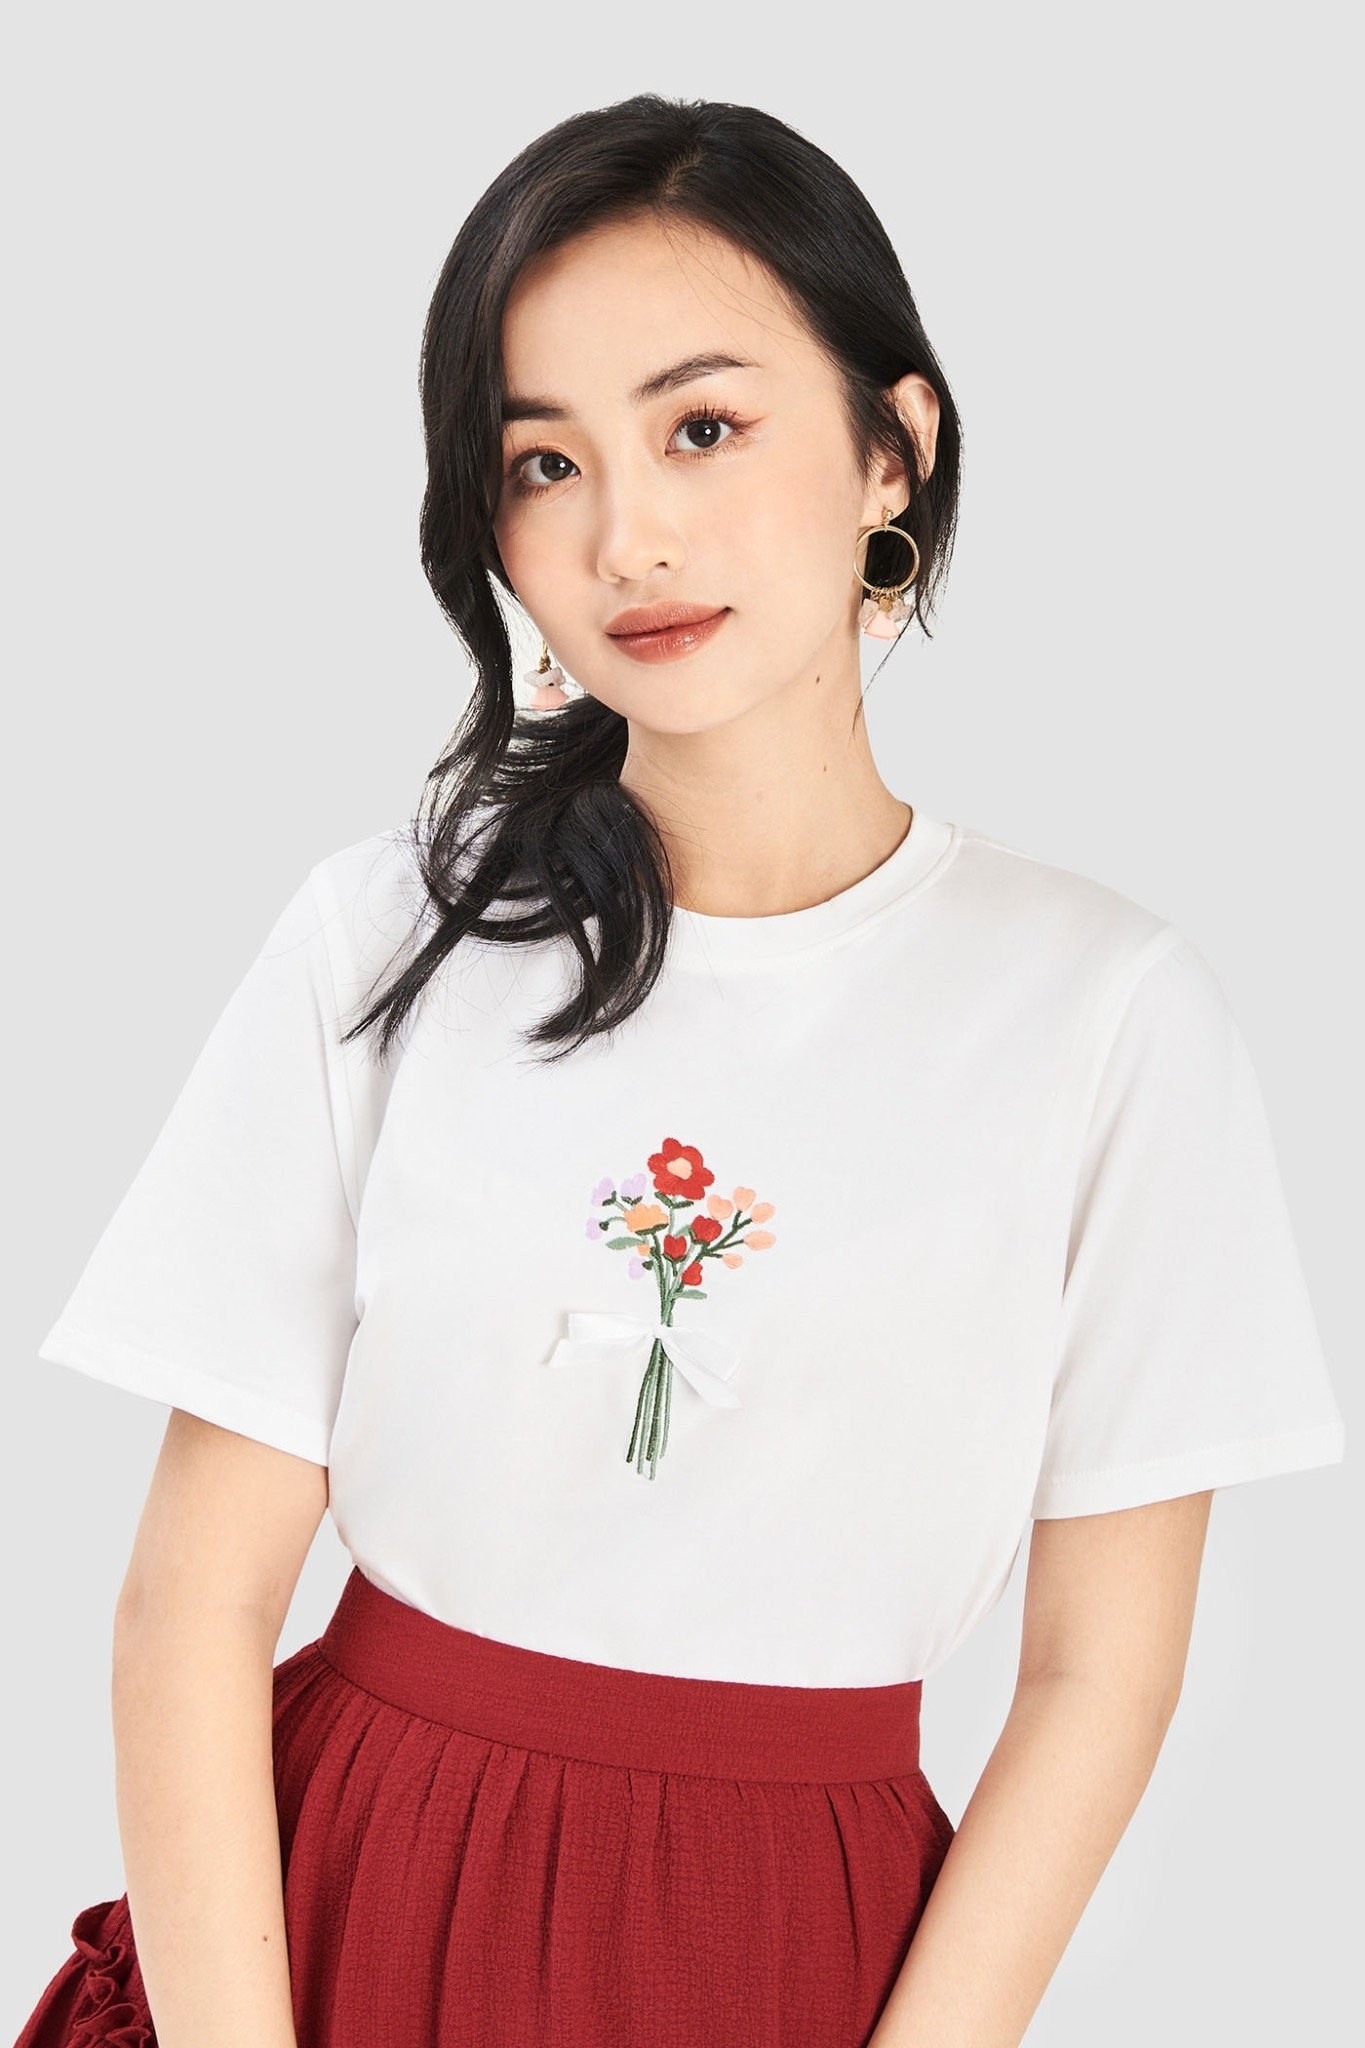 Áo thun thêu hình bó hoa